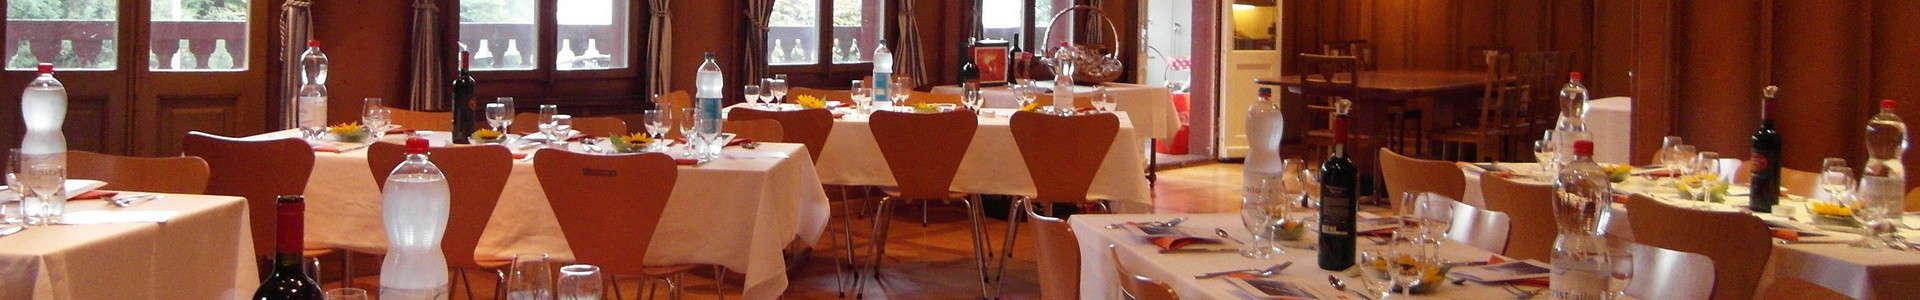 Vendéglátóipari tanfolyamok Budapesten - Vendéglátó üzletvezető